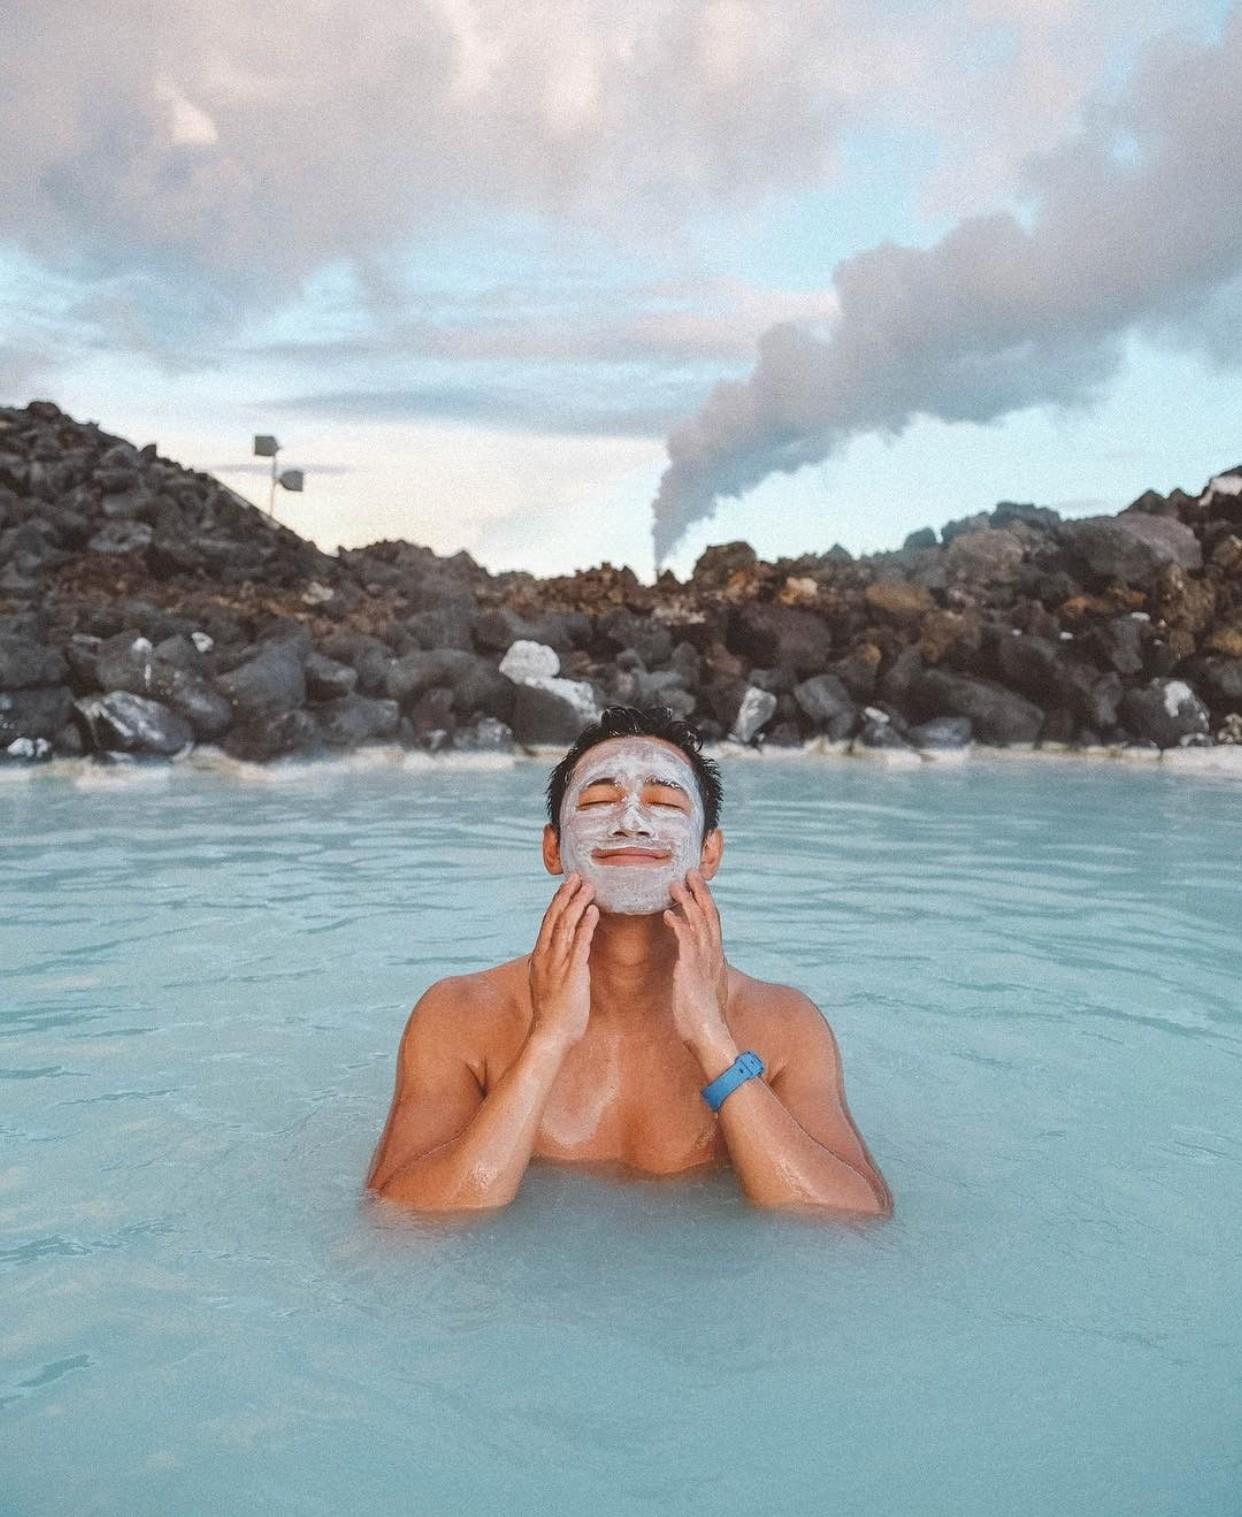 Có gì đặc biệt ở hồ nước nóng mà Bảo Anh vừa check-in một phát là có ngay 120k likes trên Instagram? - Ảnh 11.